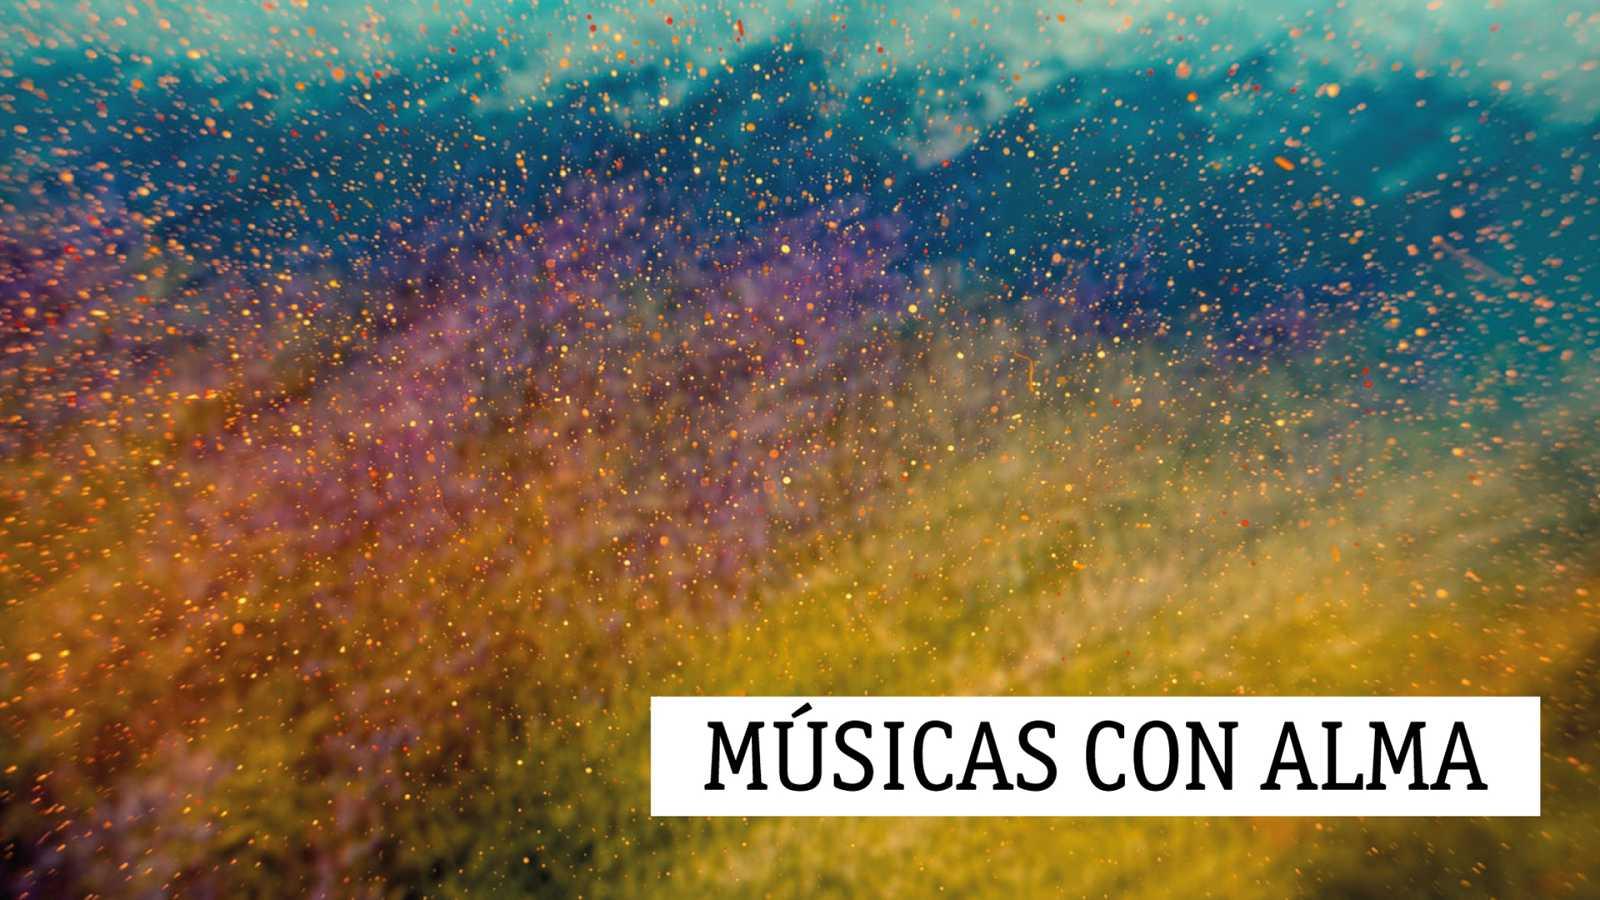 Músicas con alma - Una gota en el océano - 05/02/21 - escuchar ahora